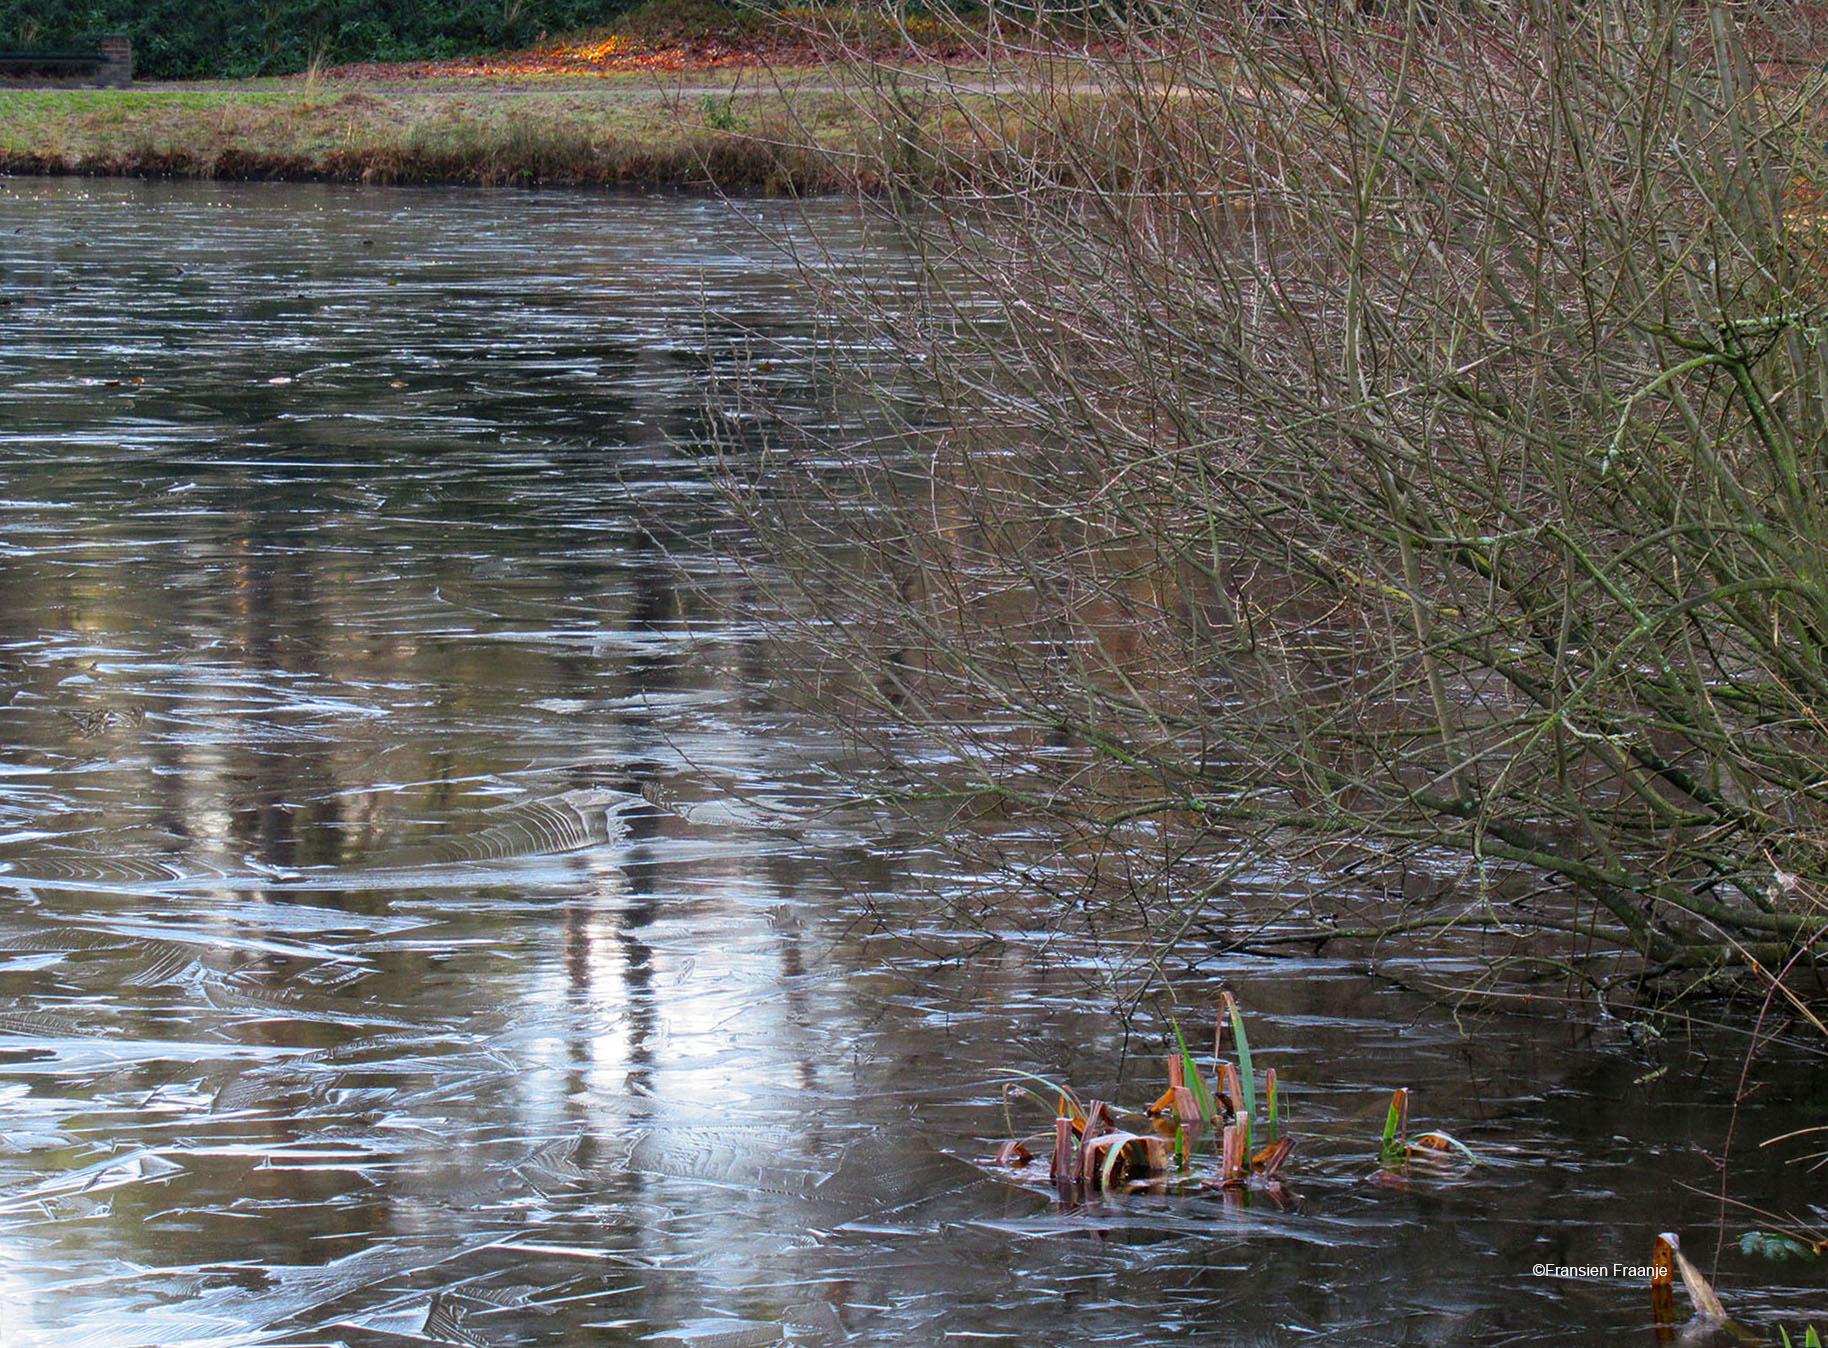 Op de grote vijver lag een dun laagje ijs - Foto: ©Fransien Fraanje